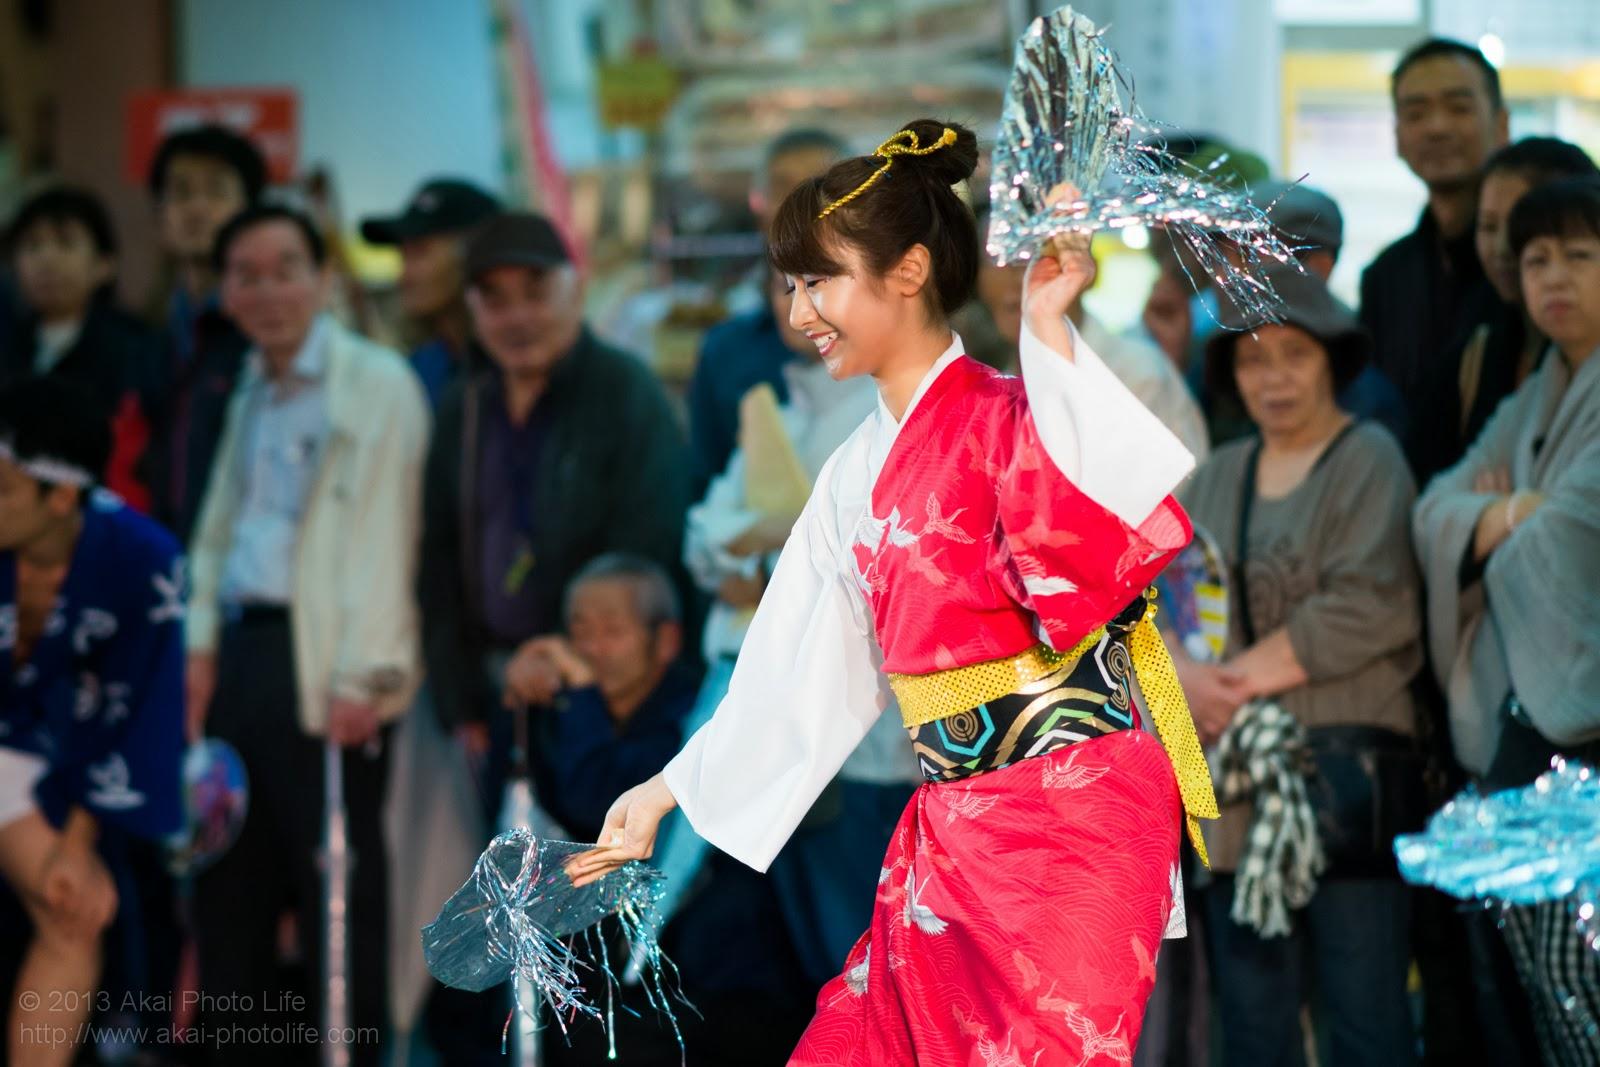 かわさき阿波おどり、川崎きさわか連の女性による扇子踊り